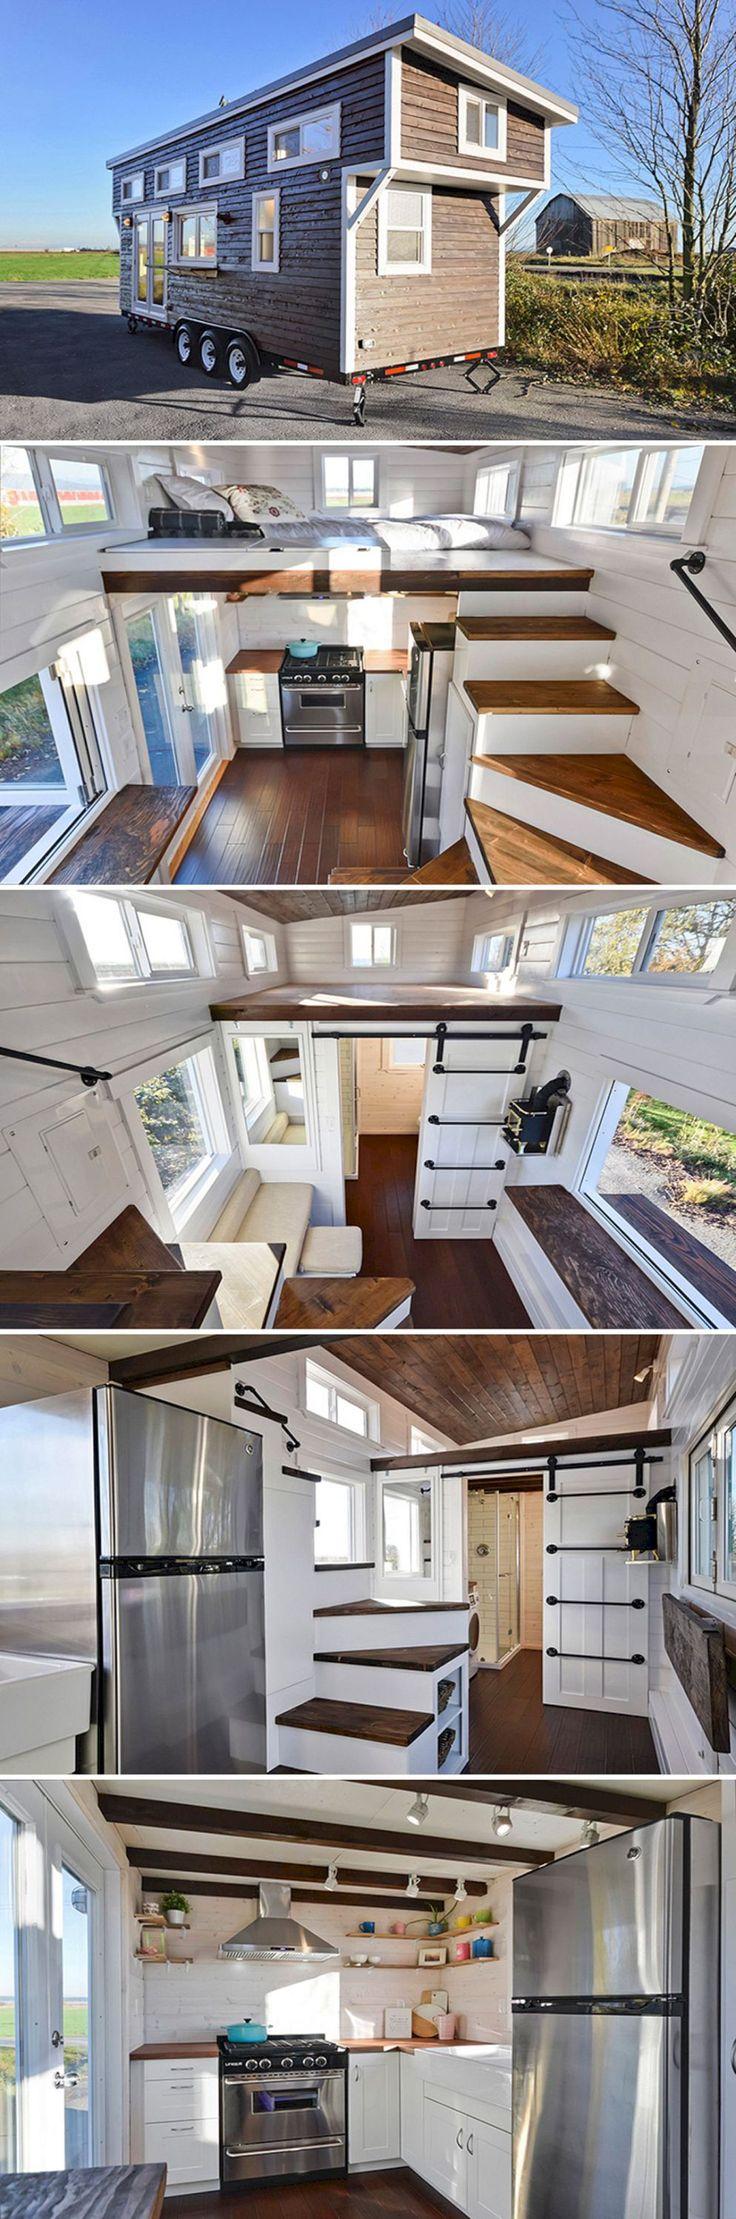 Vor und nach der renovierung des hauses  best haus images on pinterest  future house house blueprints